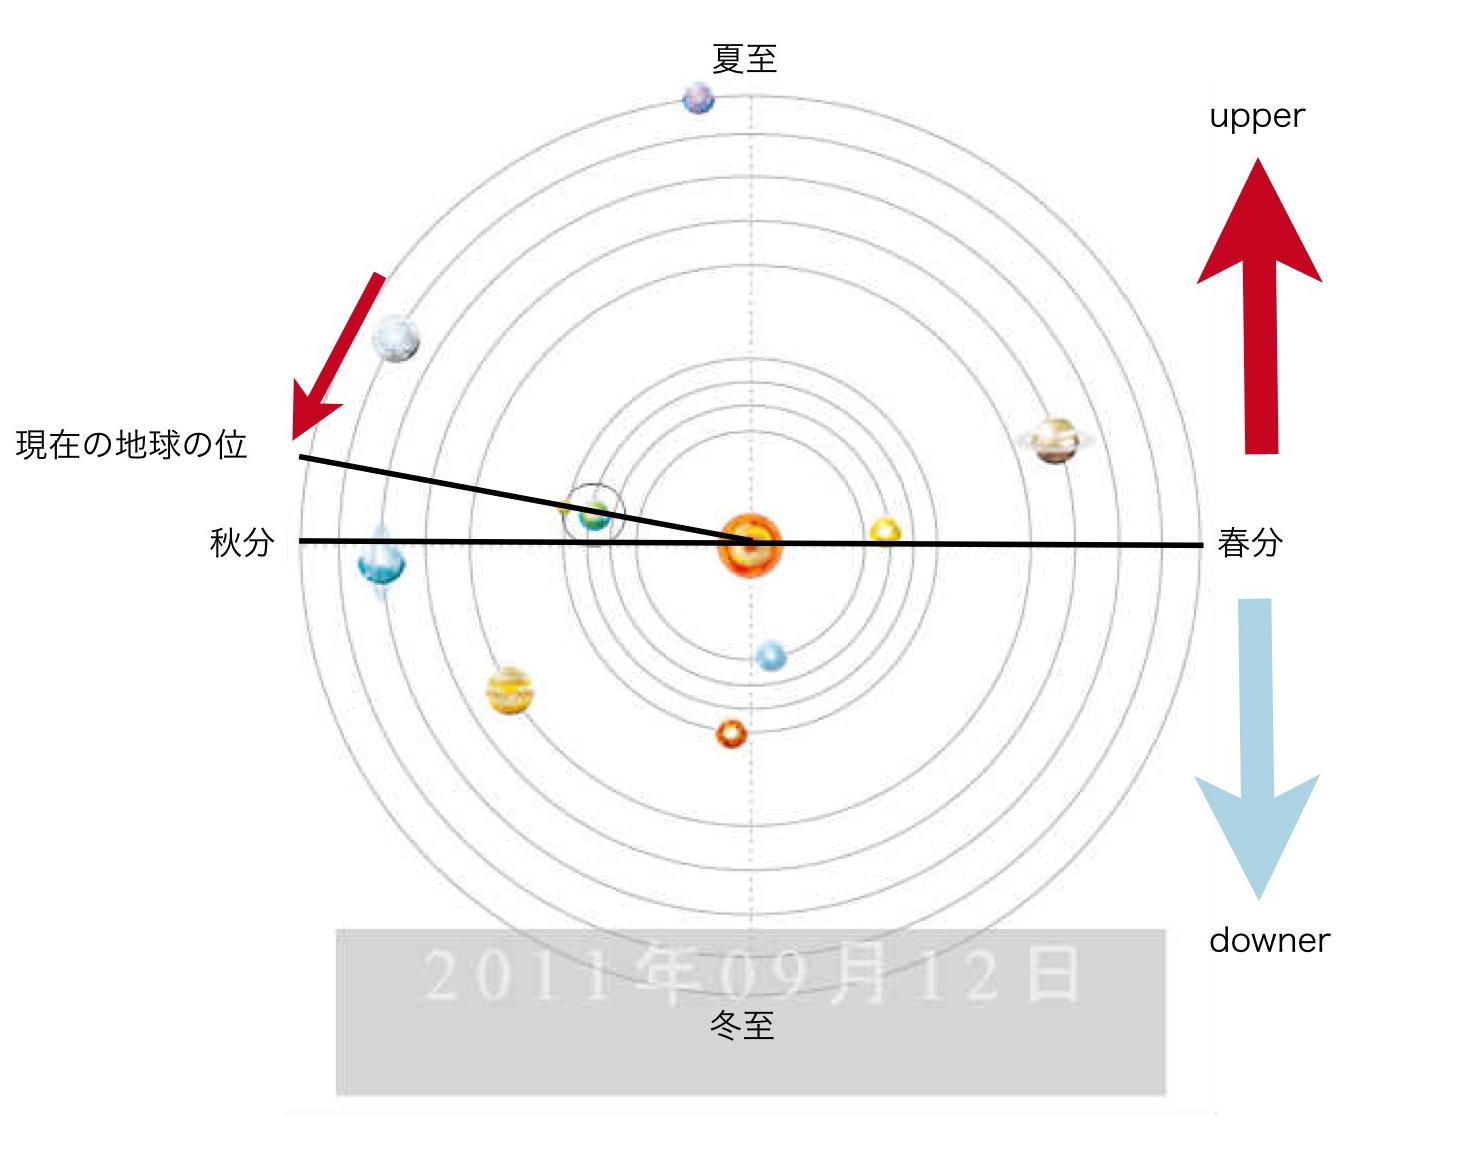 宇宙の方向